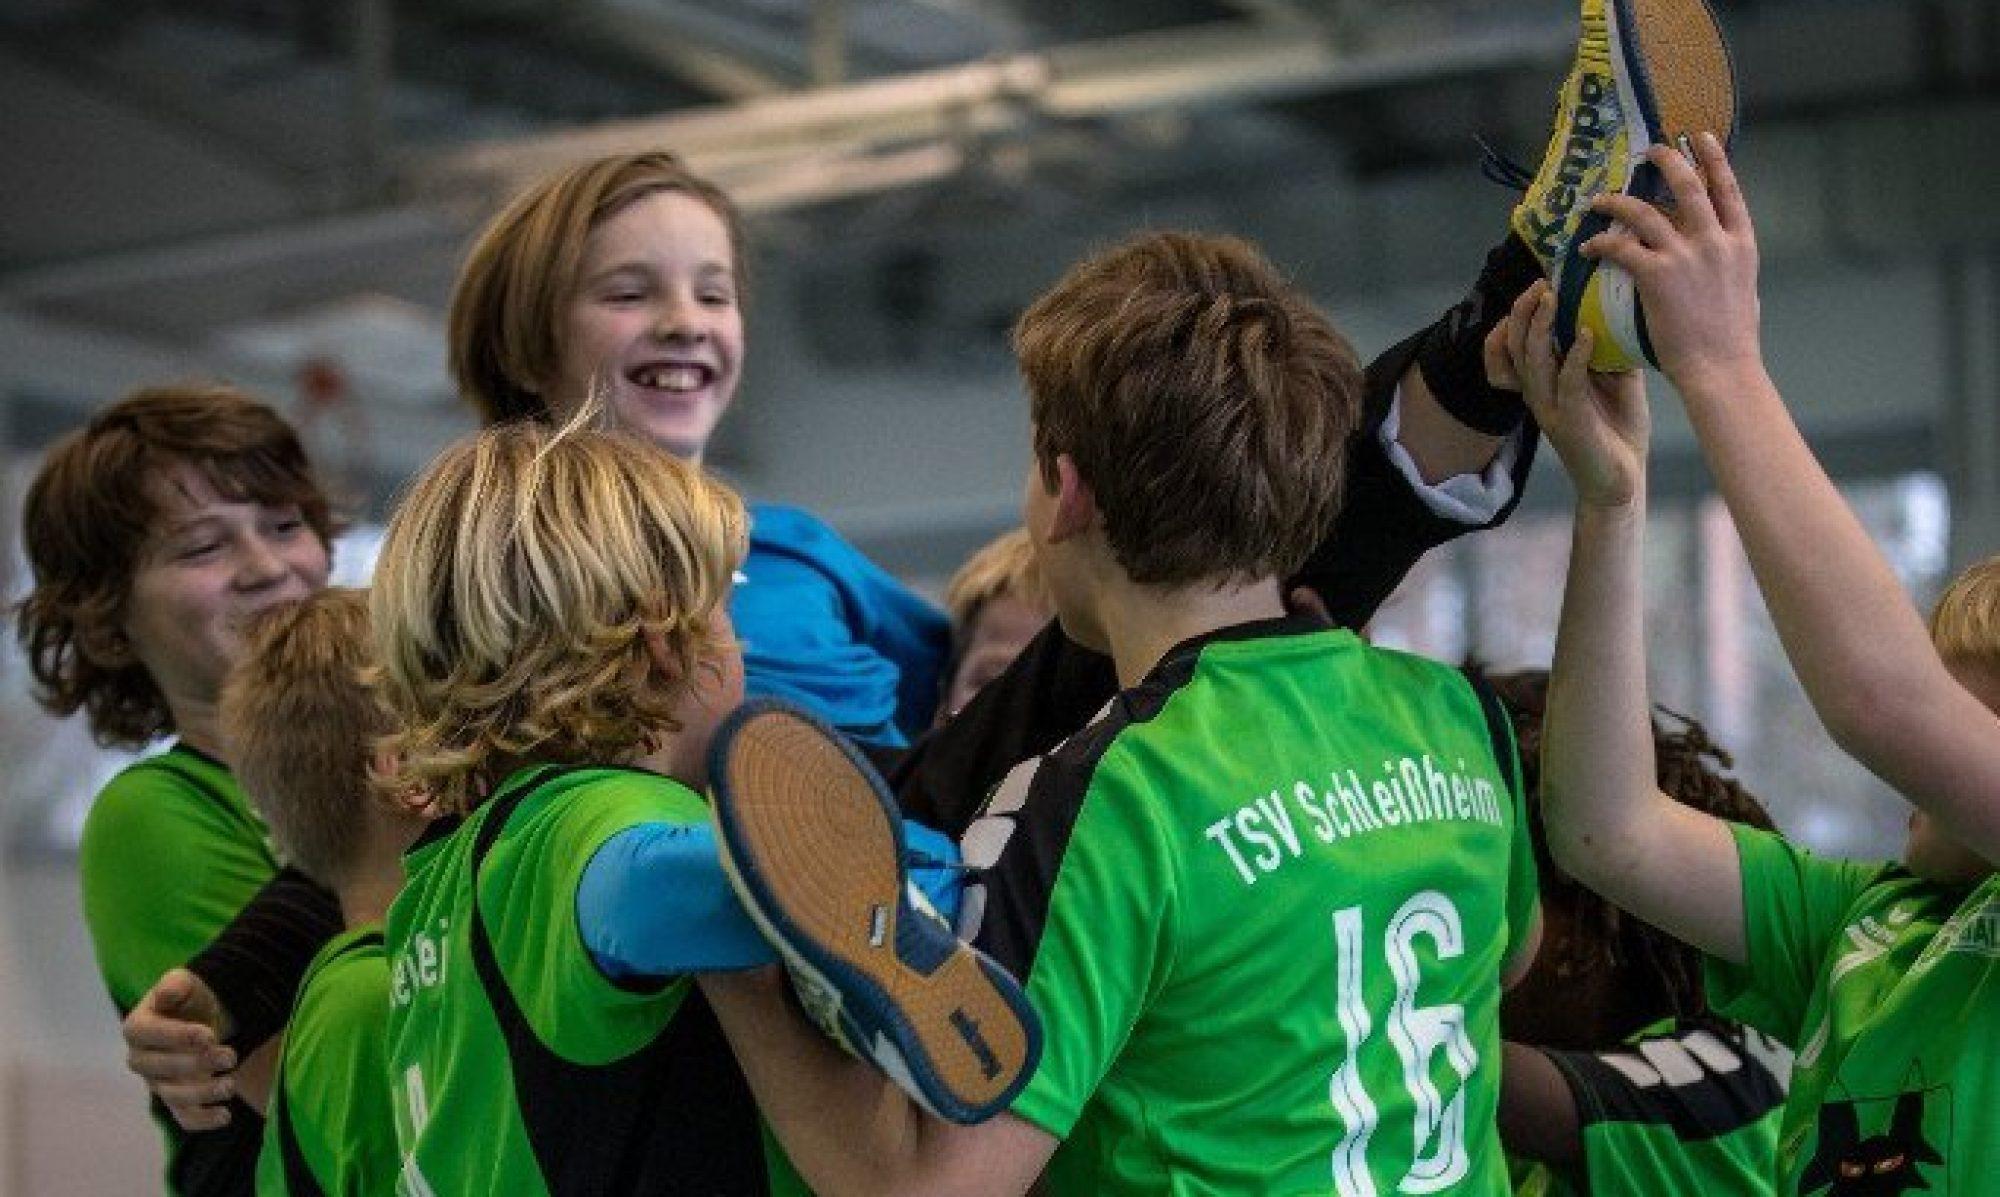 Förderkreis des Handballsports in Schleißheim eV